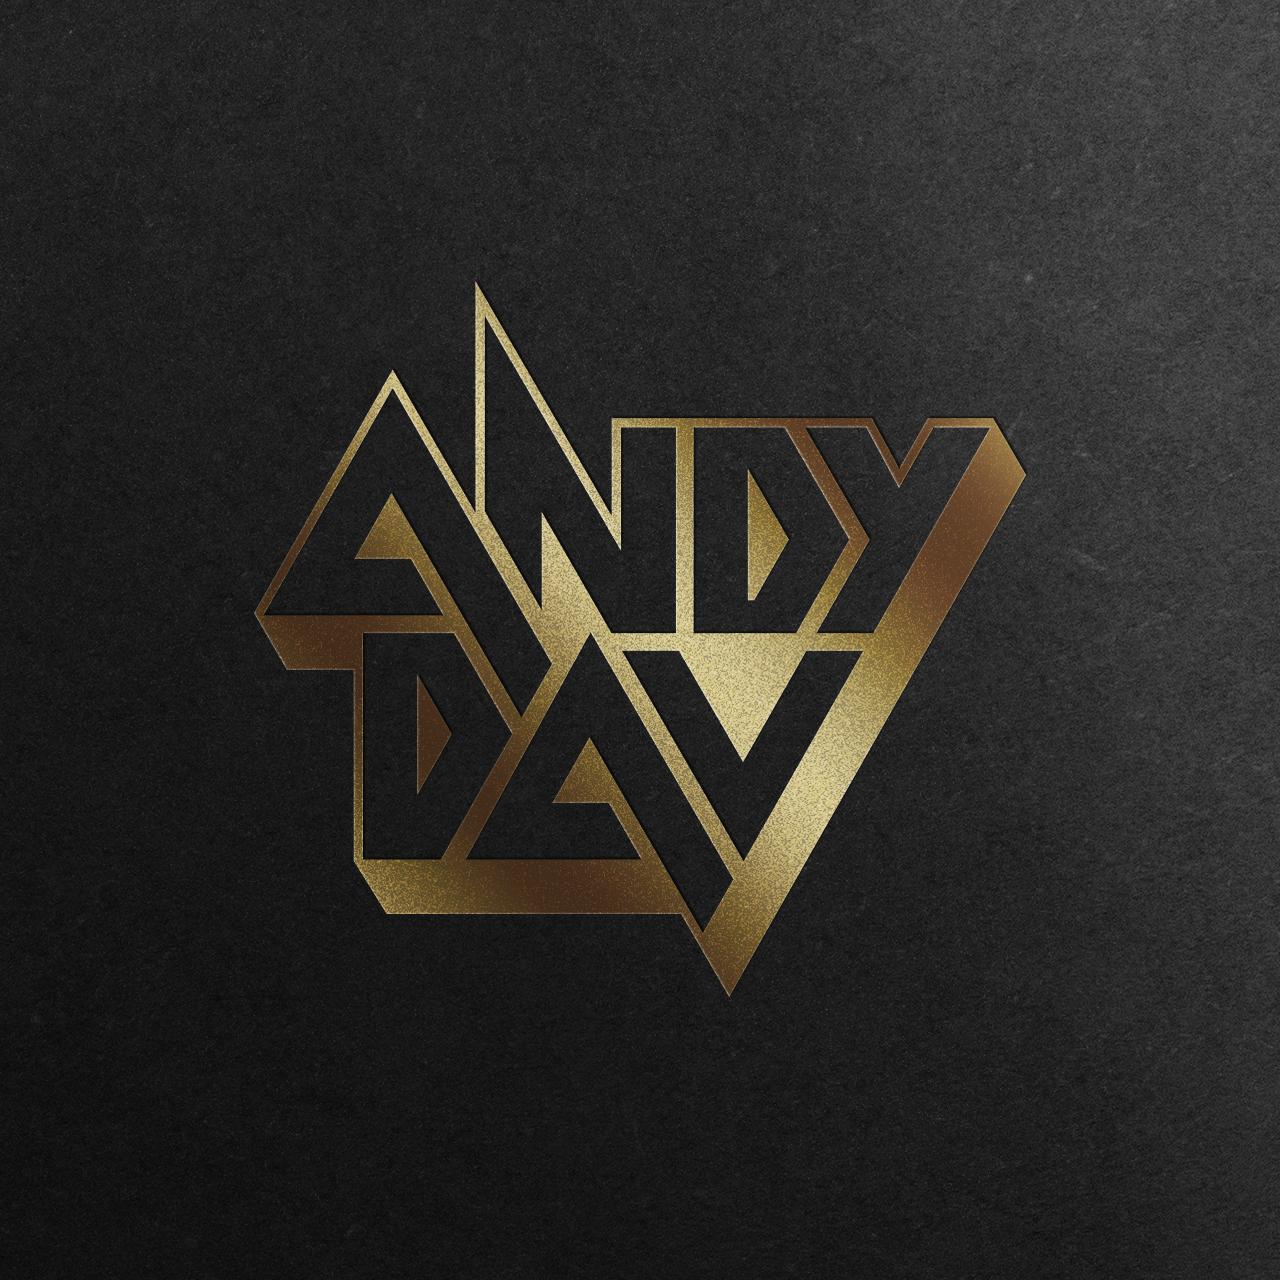 andy dav-logo-mockup-gold